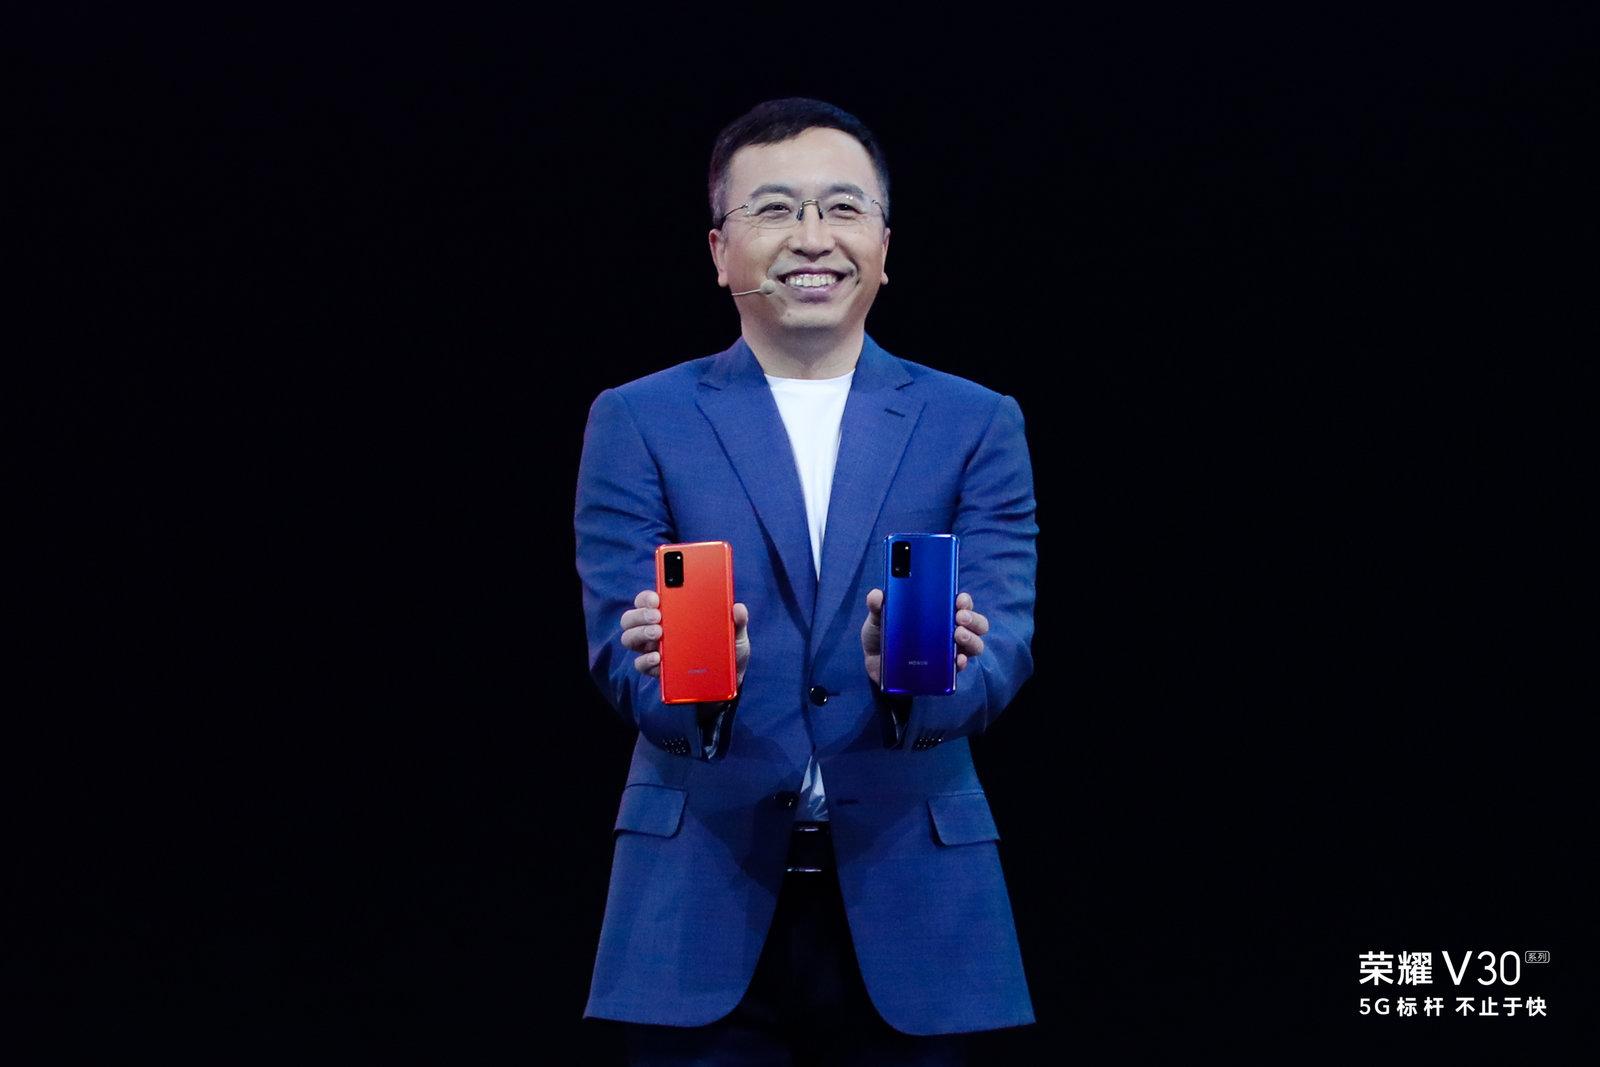 荣耀赵明:荣耀V30旗舰5G soc领先行业一年...